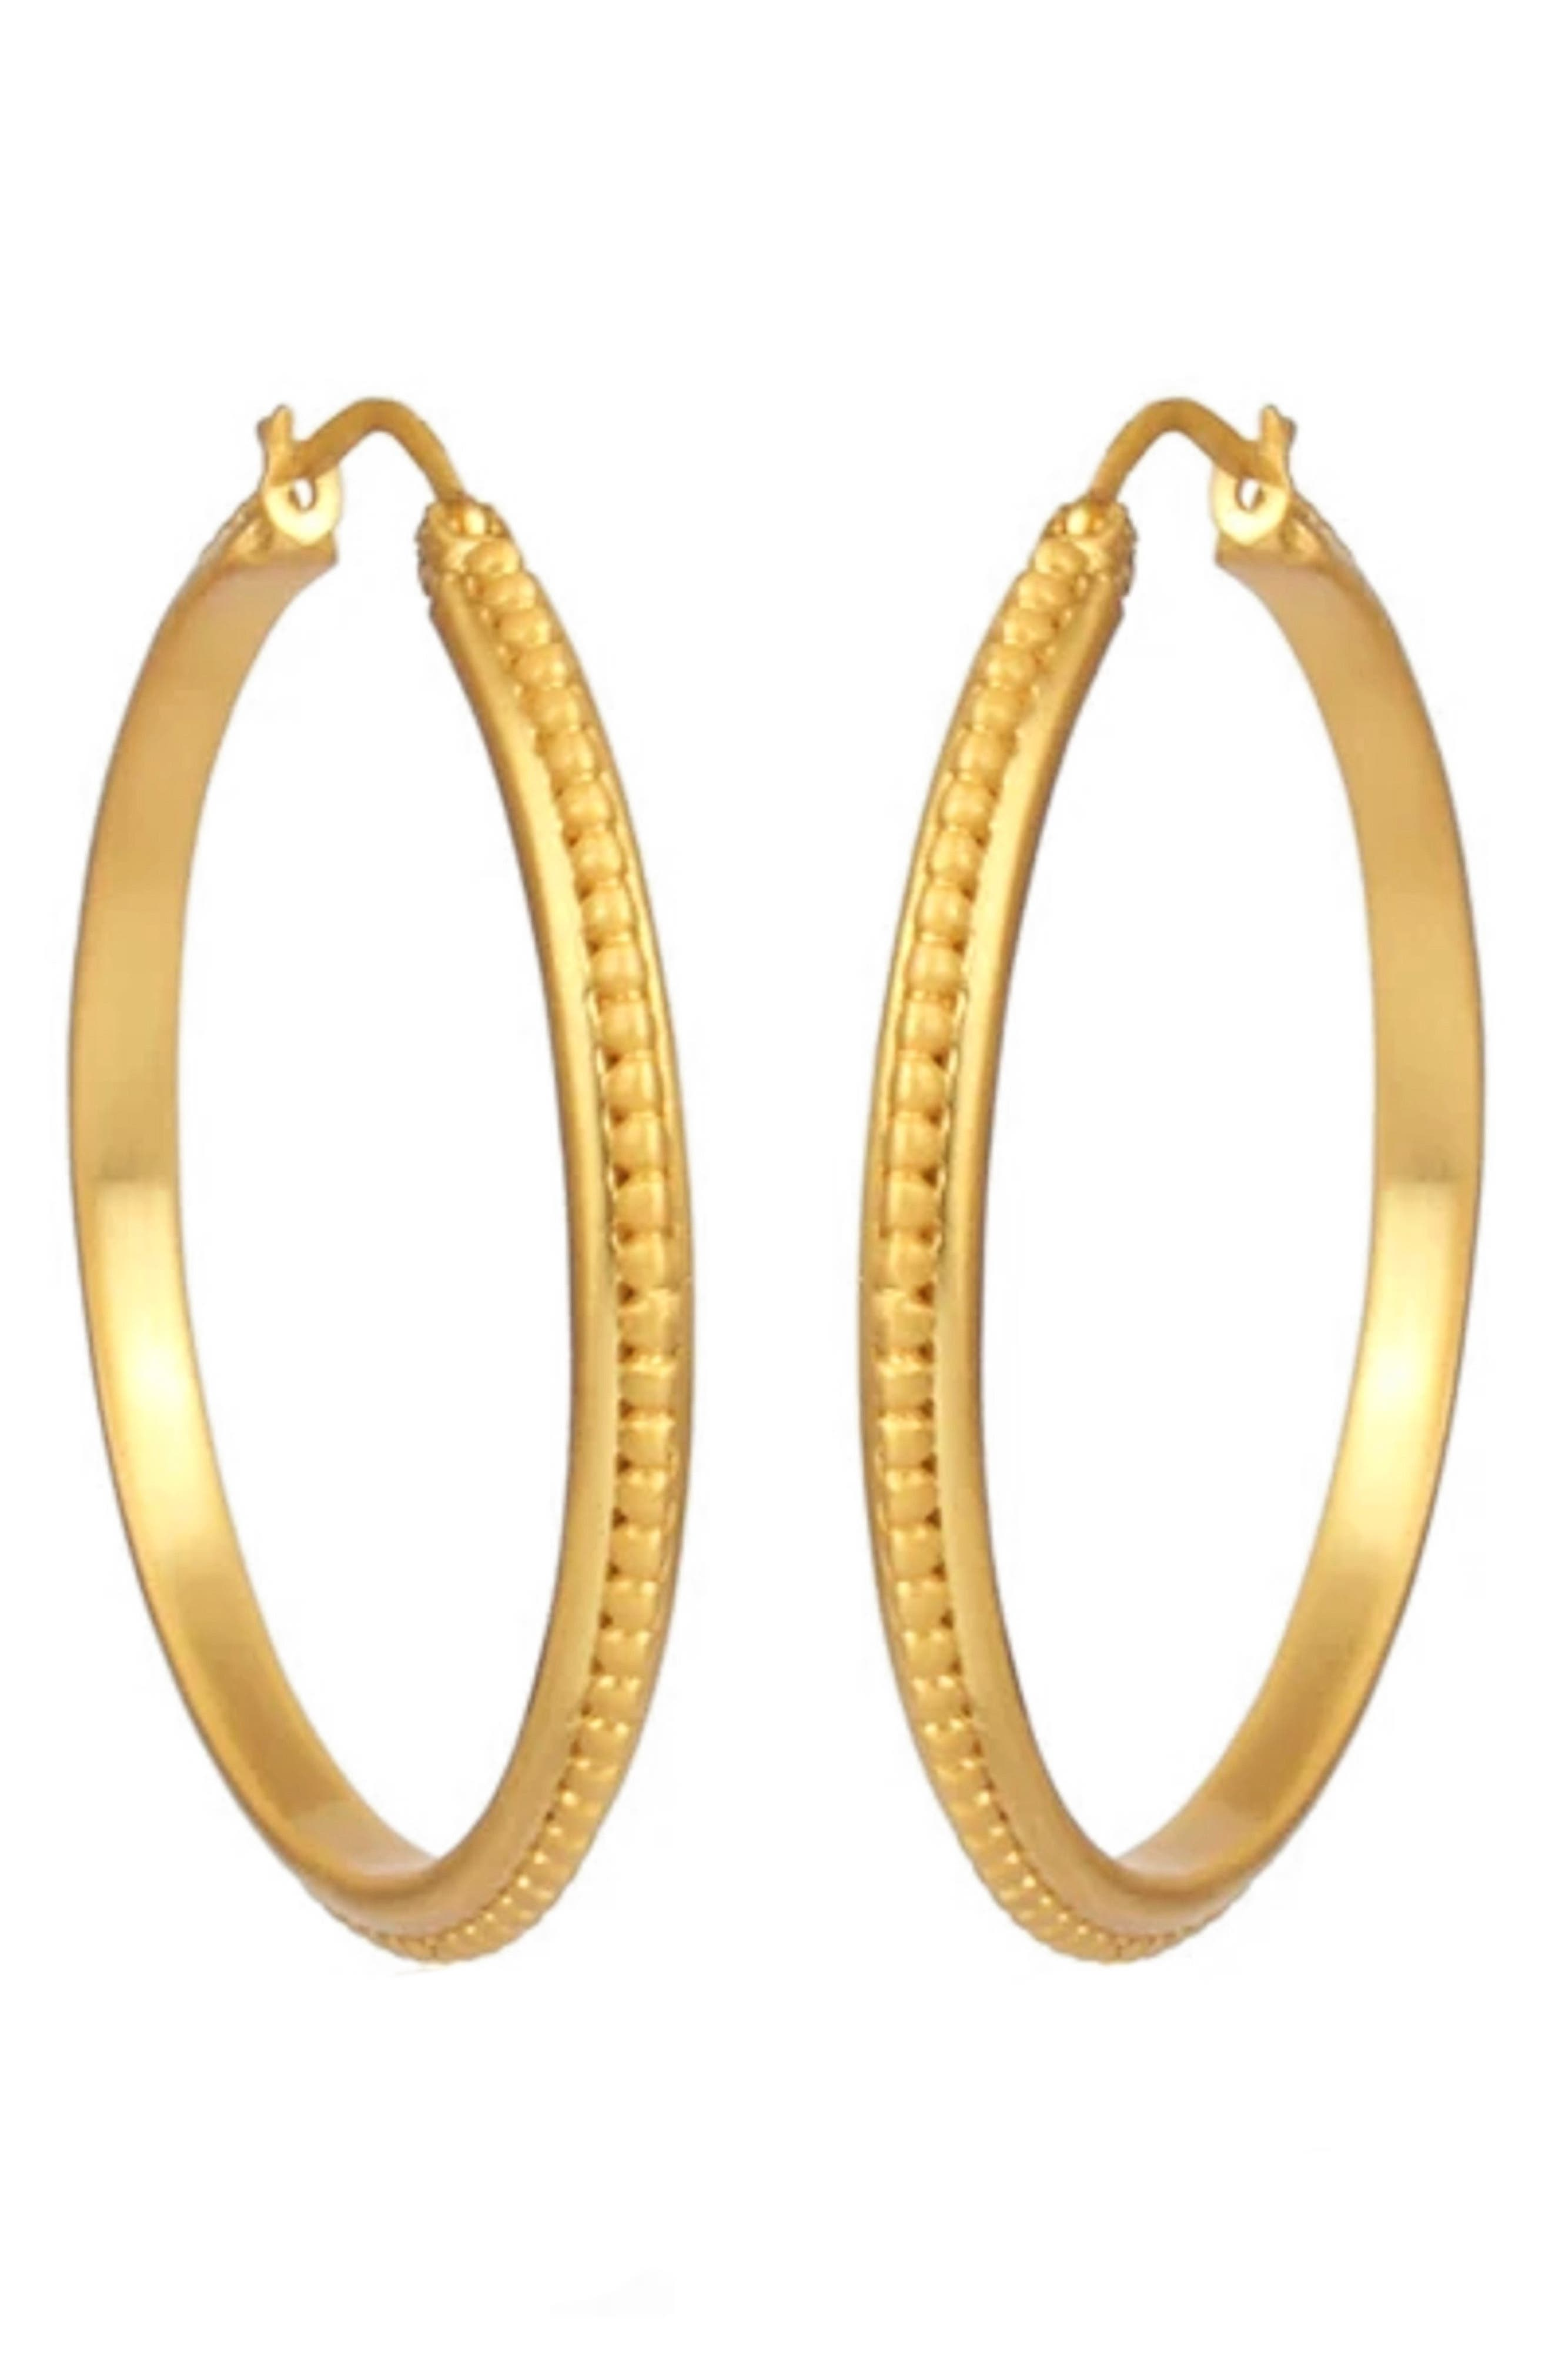 Studded Hoop Earrings